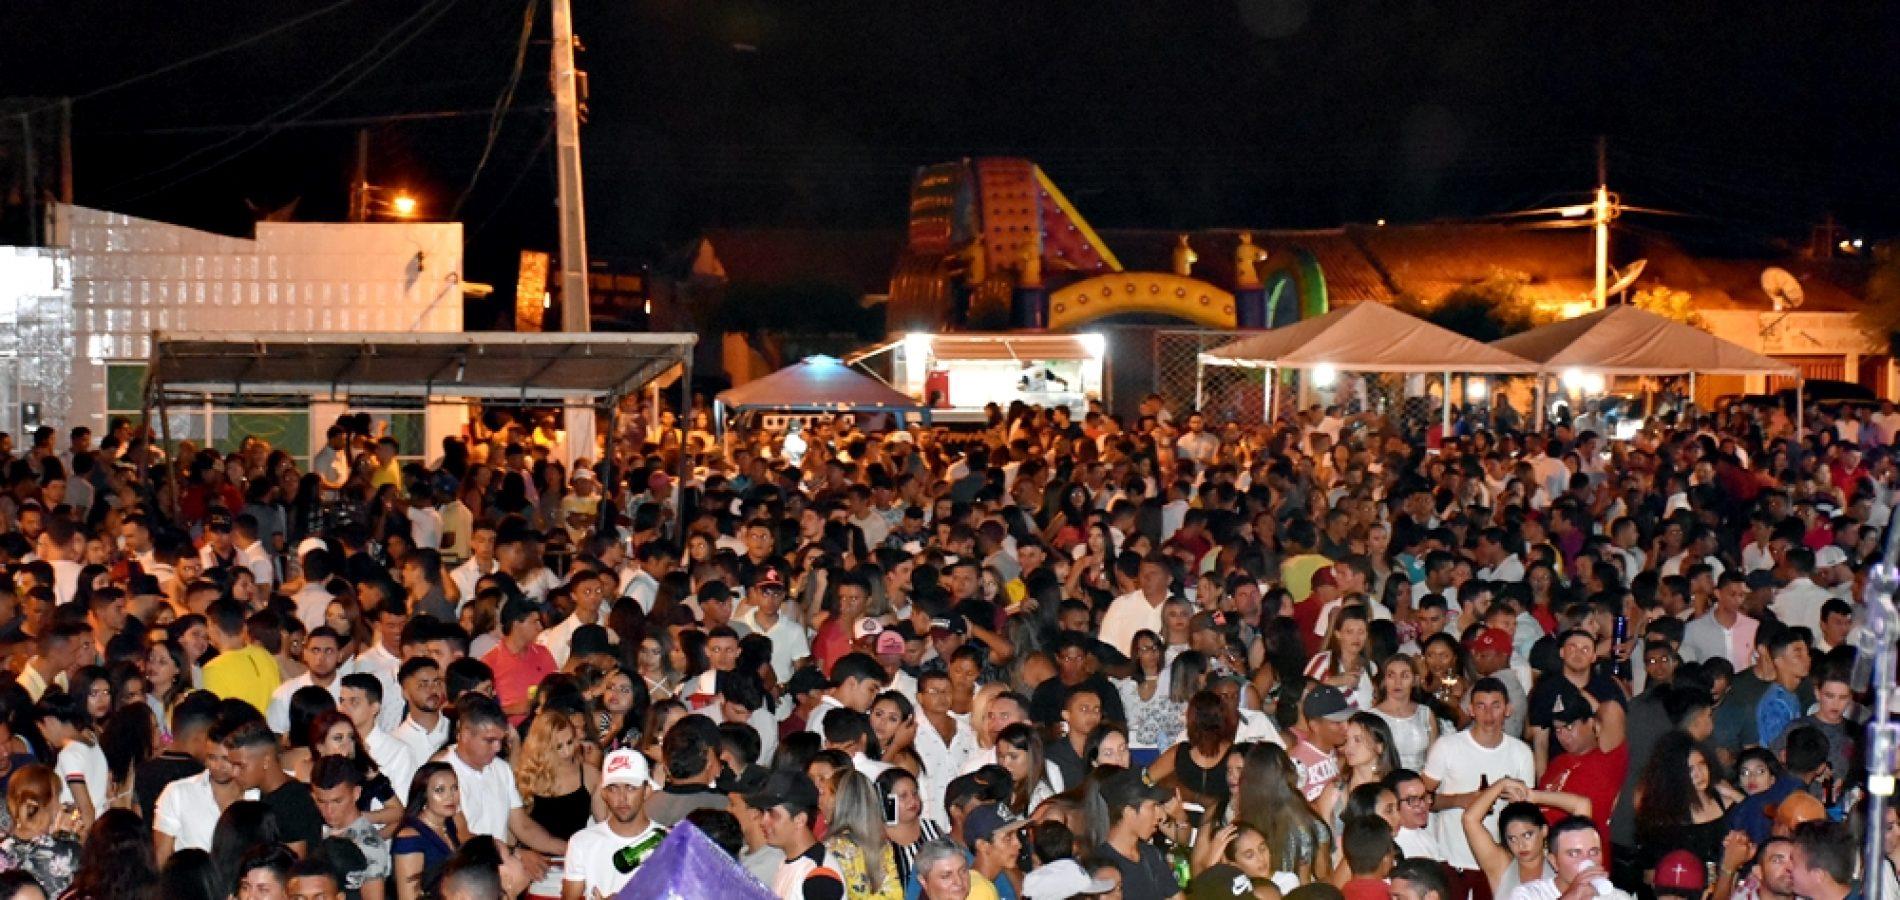 Cobertura fotográfica do Réveillon 2019 em Alegrete do Piauí